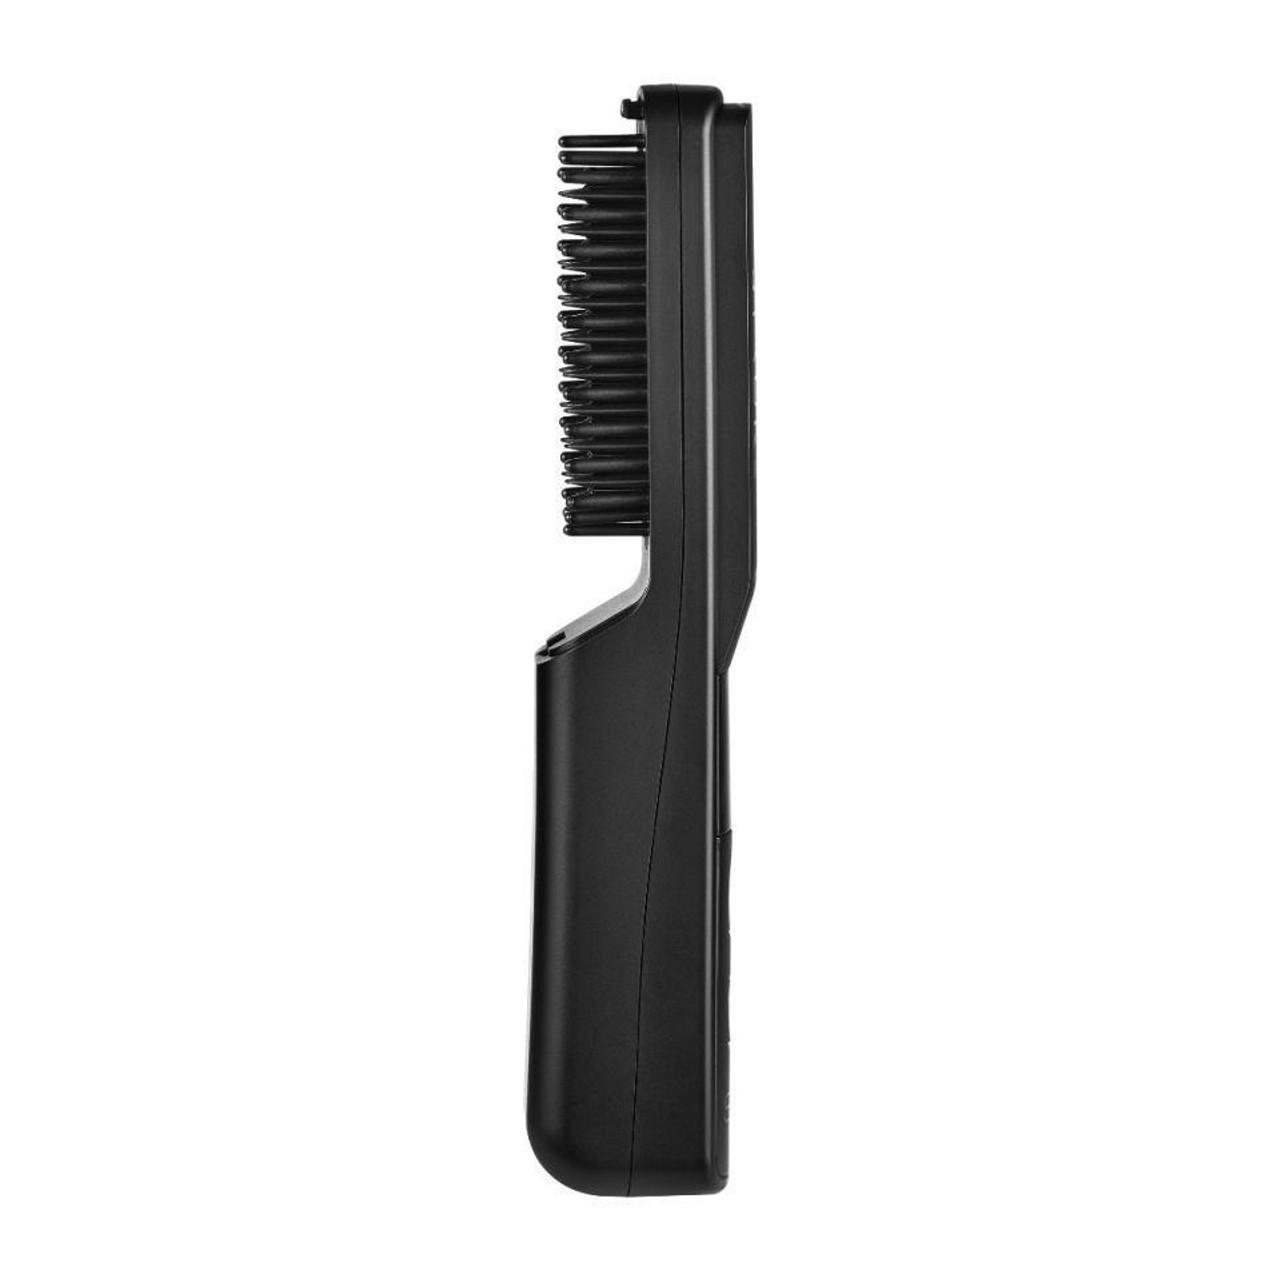 Stylecraft Heat Stroke - Cordless Beard Hot Brush